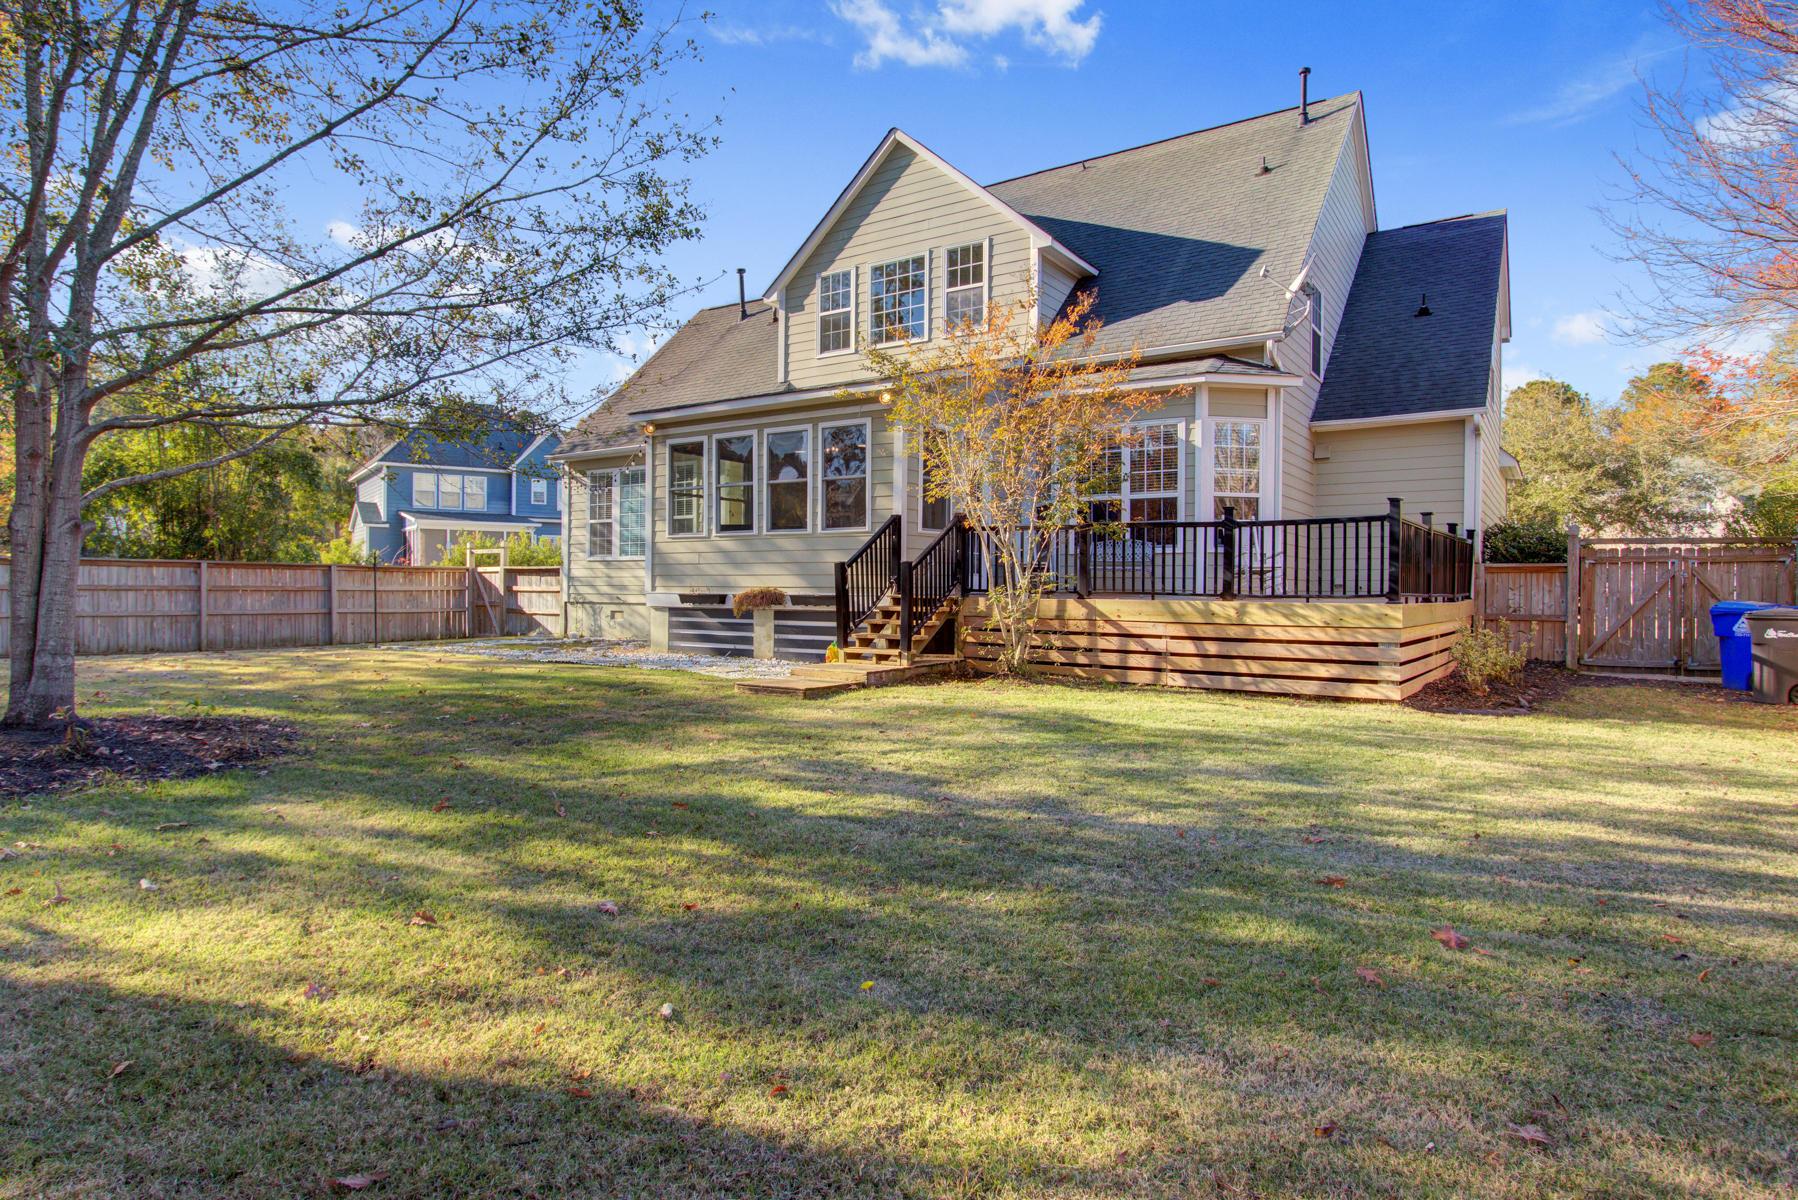 Dunes West Homes For Sale - 2104 Short Grass, Mount Pleasant, SC - 7